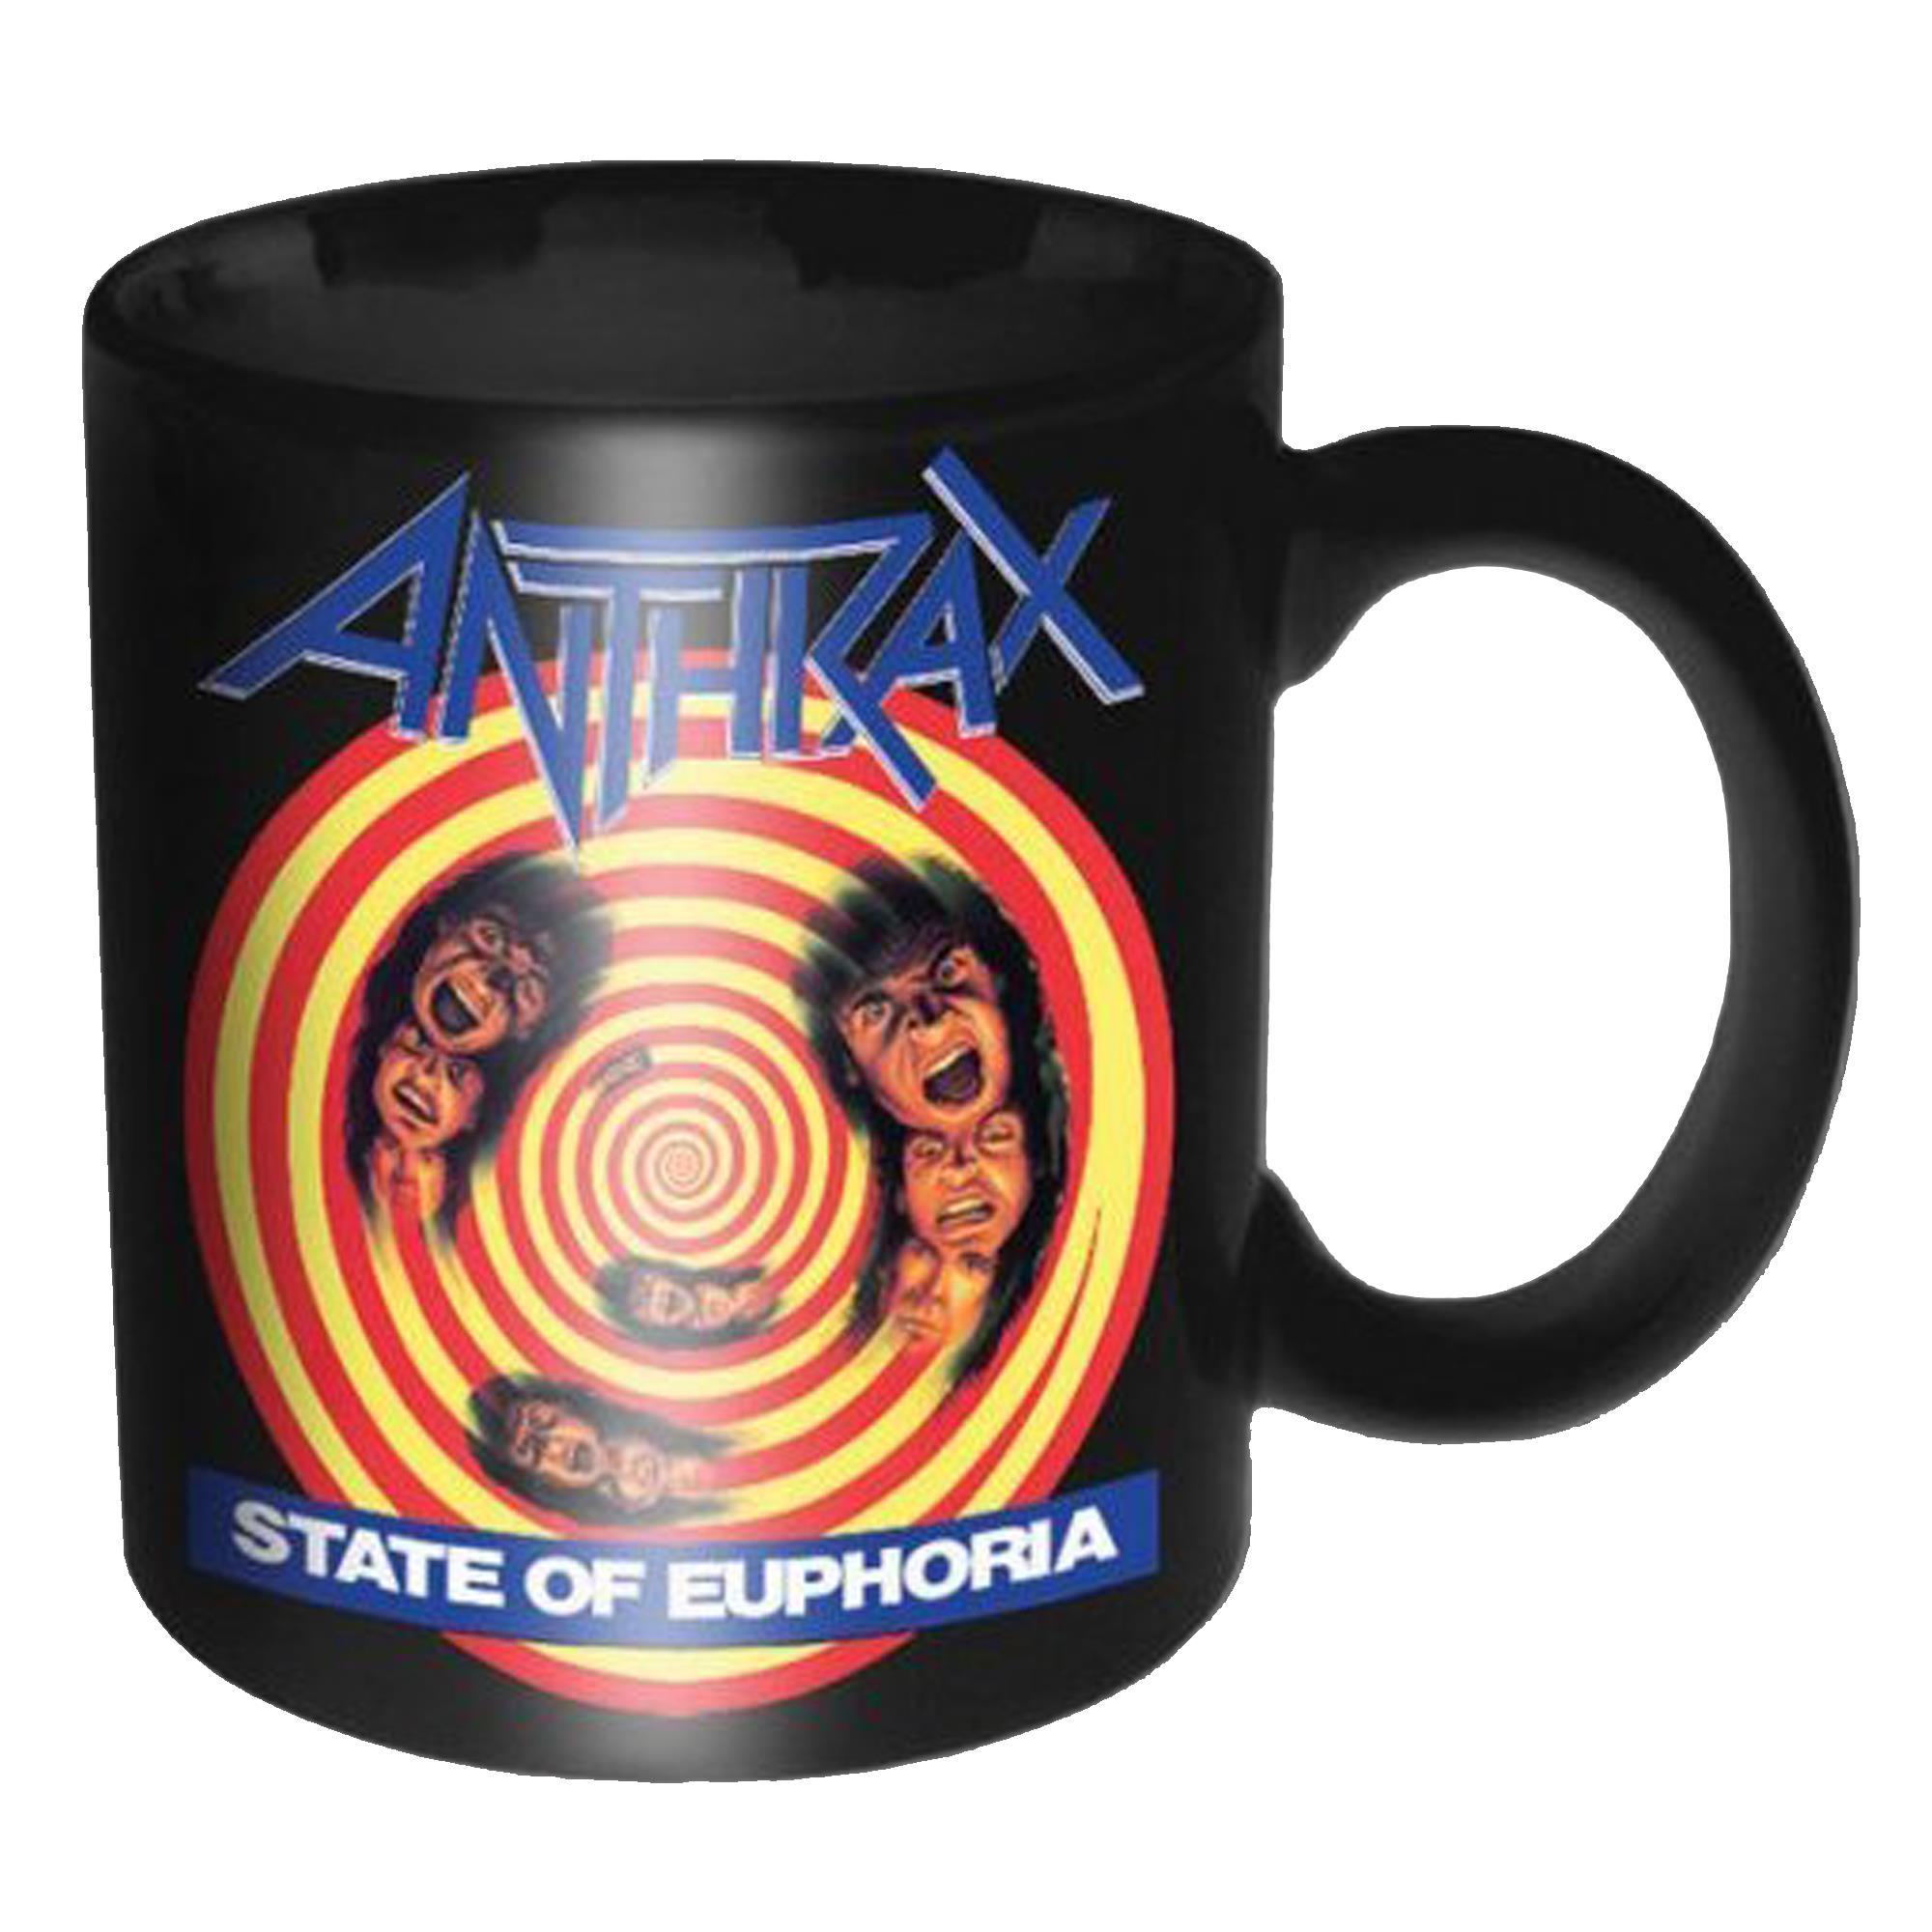 State Of Euphoria Mug